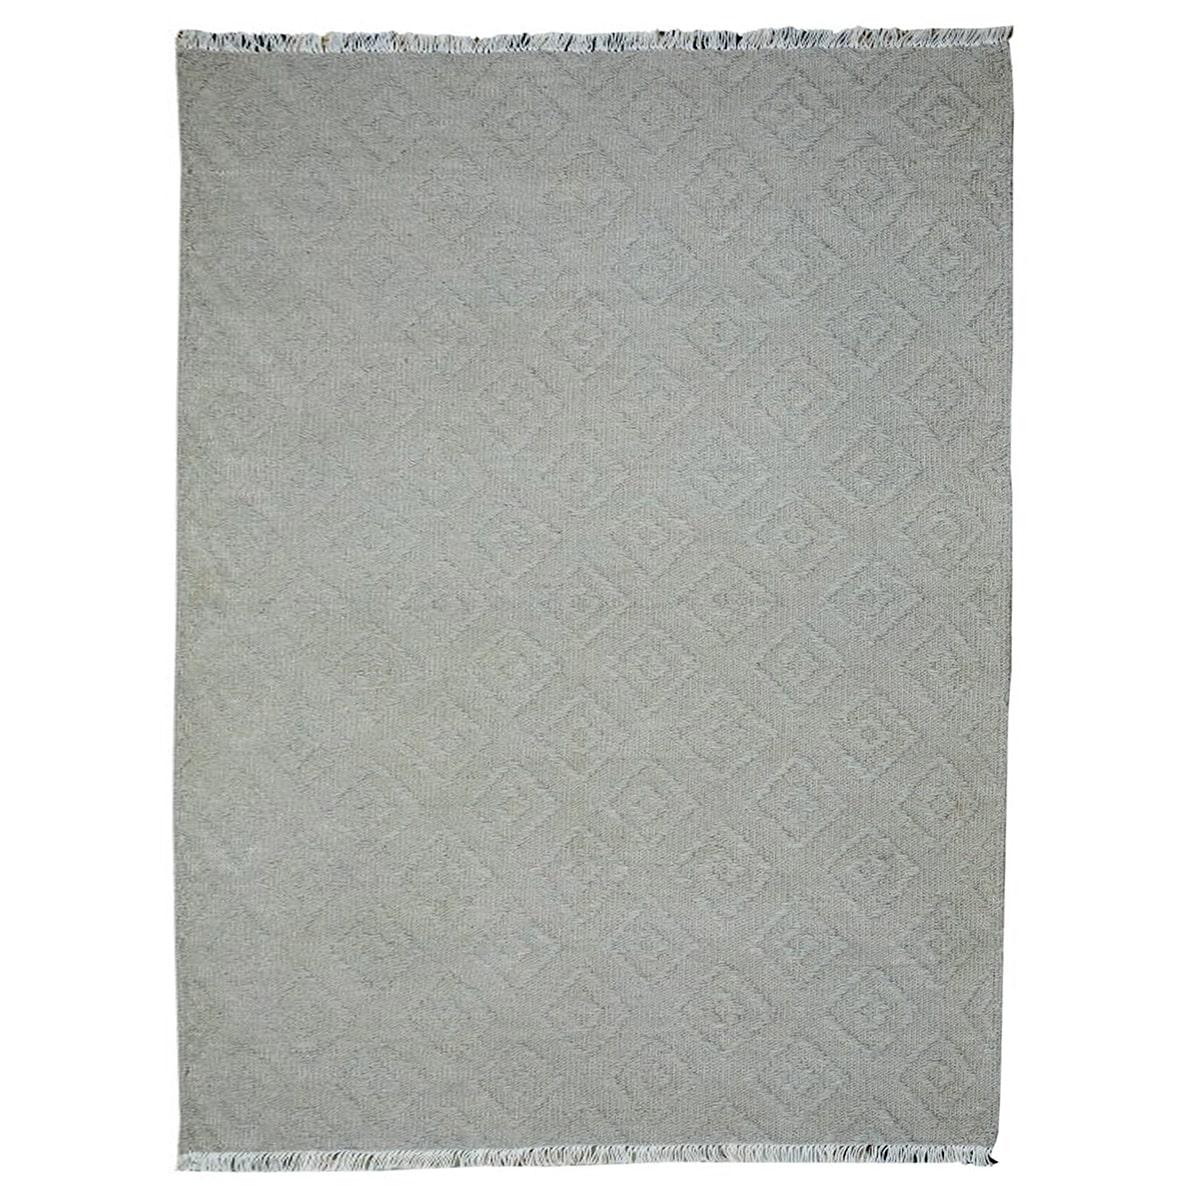 mattor i grå kvalitet